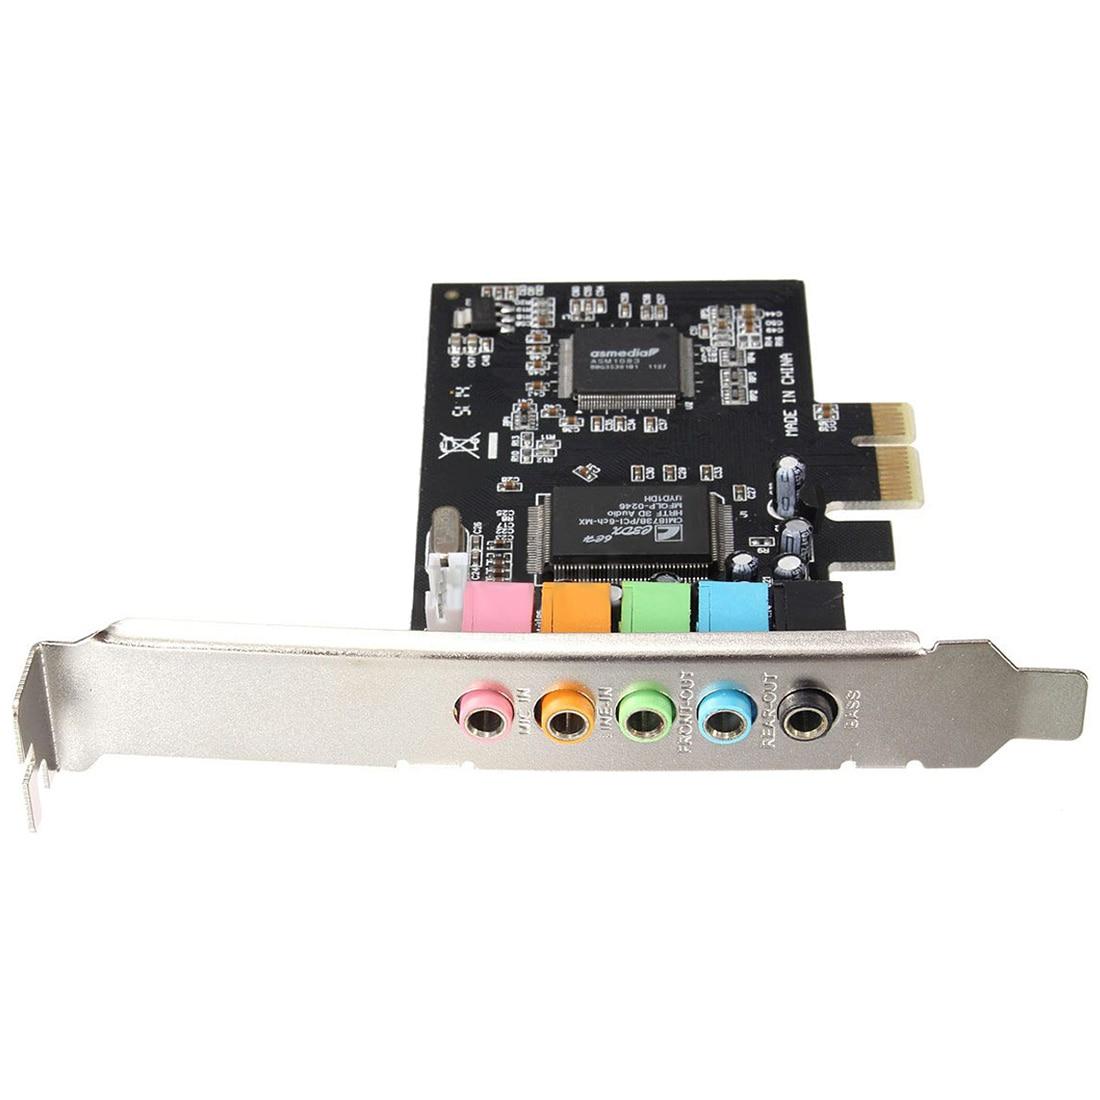 PCI-E 5,1 sonido 6 puerto de tarjeta de sonido CMI8738 cine Sonido envolvente estéreo tarjeta